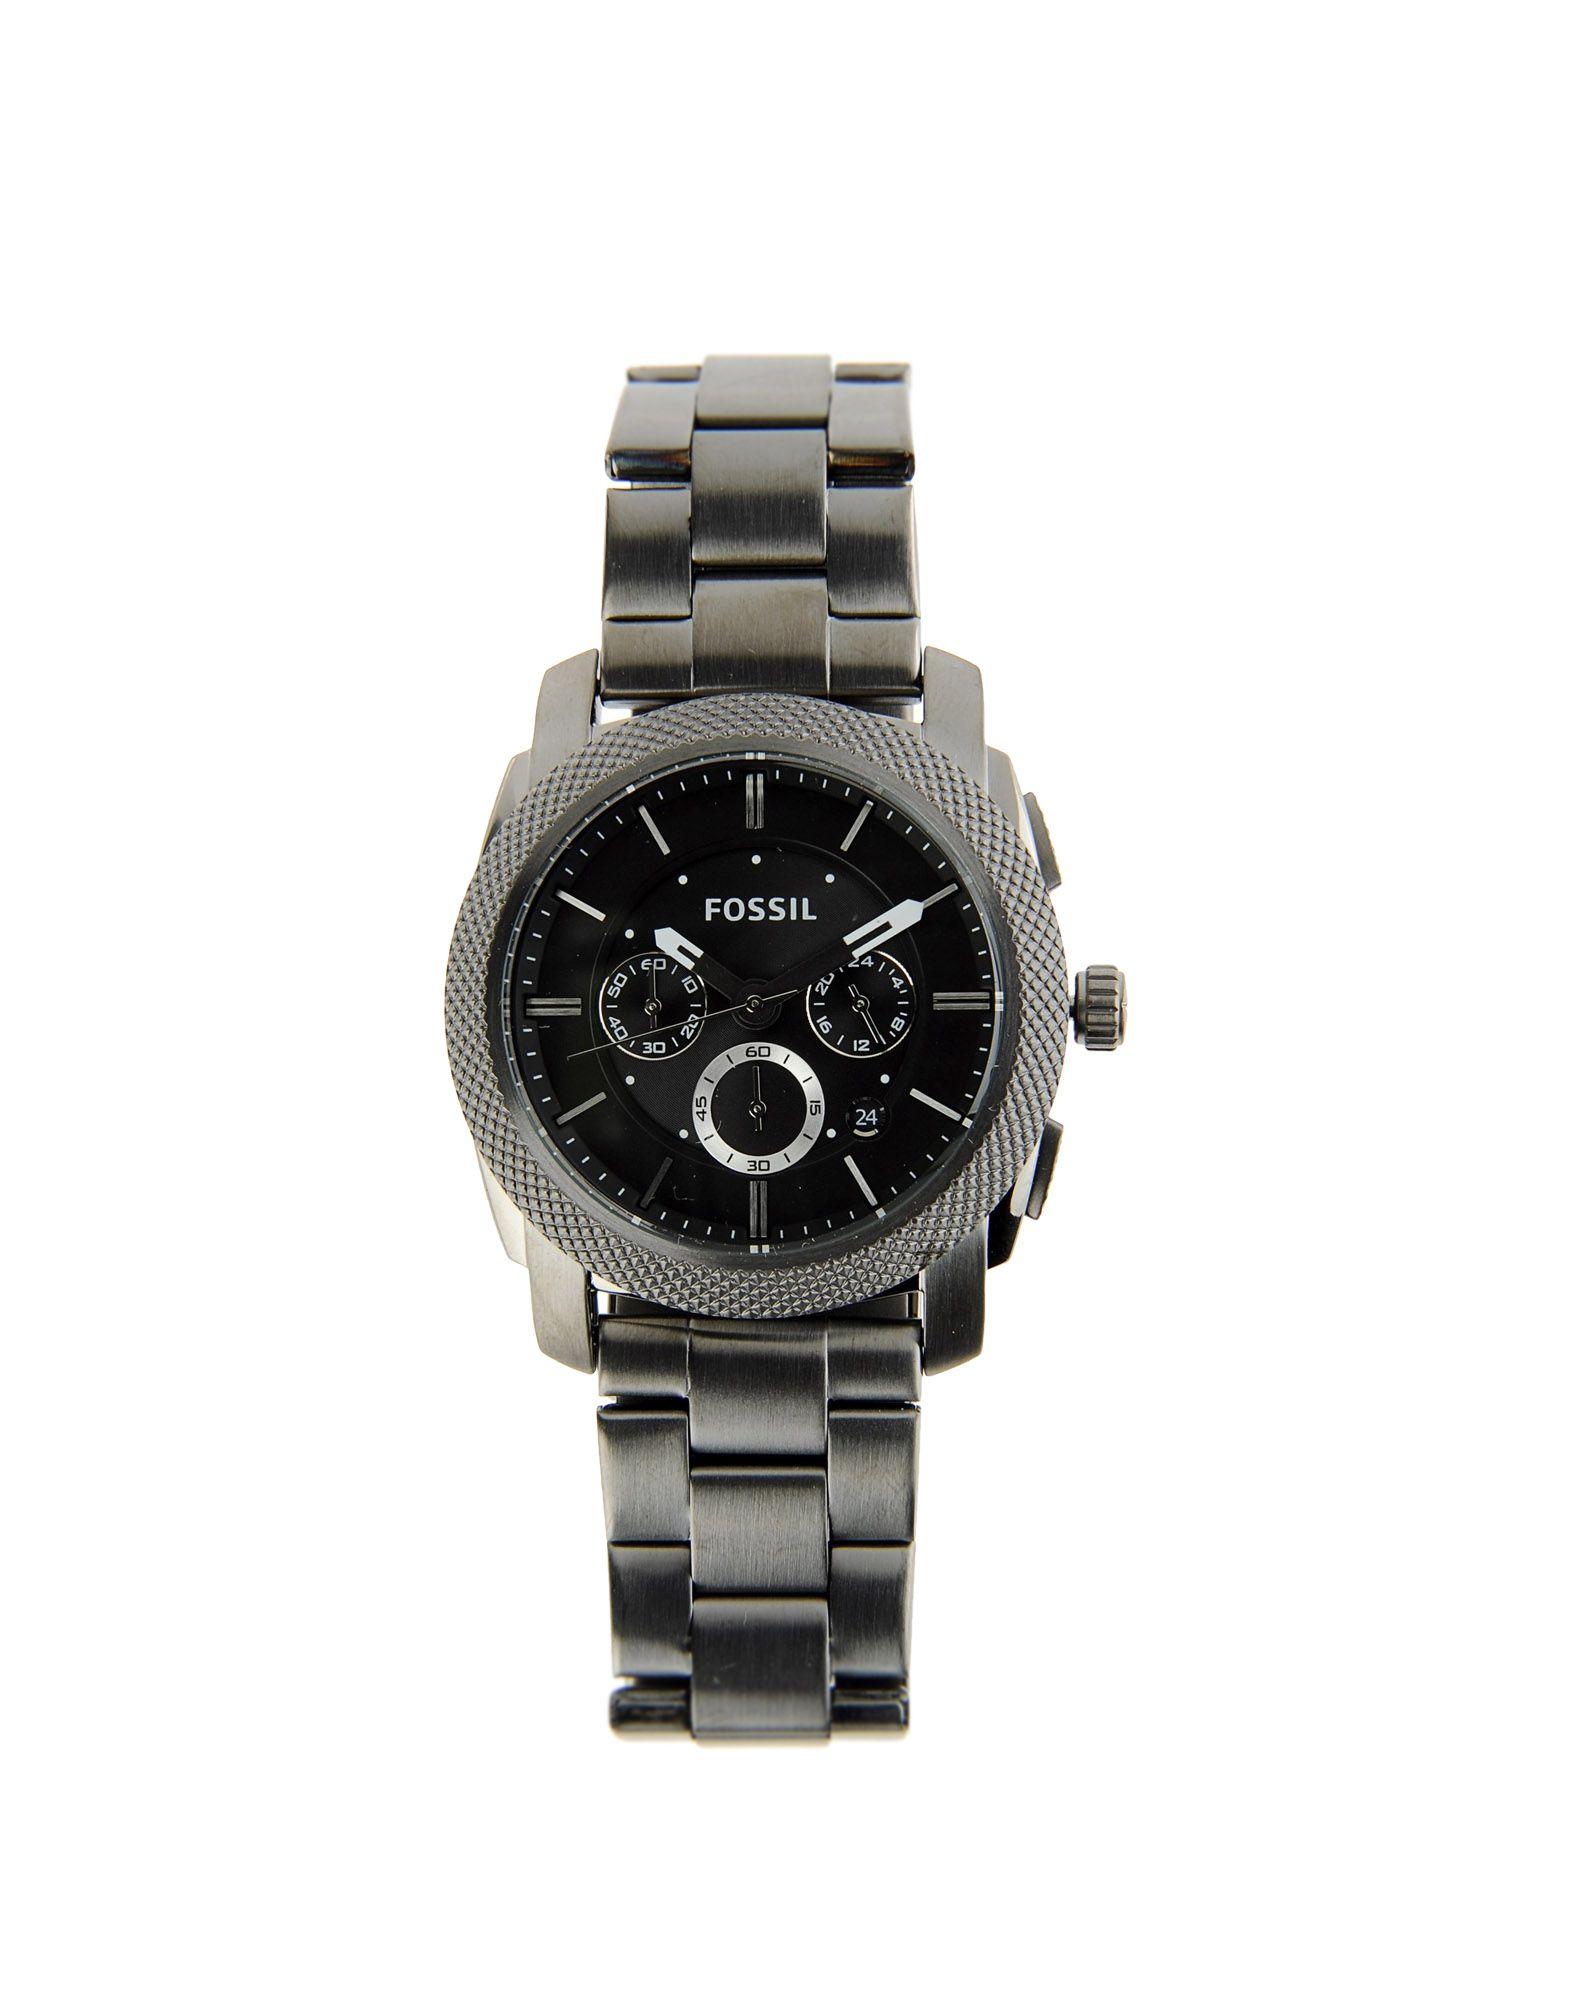 FOSSIL Наручные часы часы женщины роскошные часы золото стальные женские платья наручные часы relogio feminino